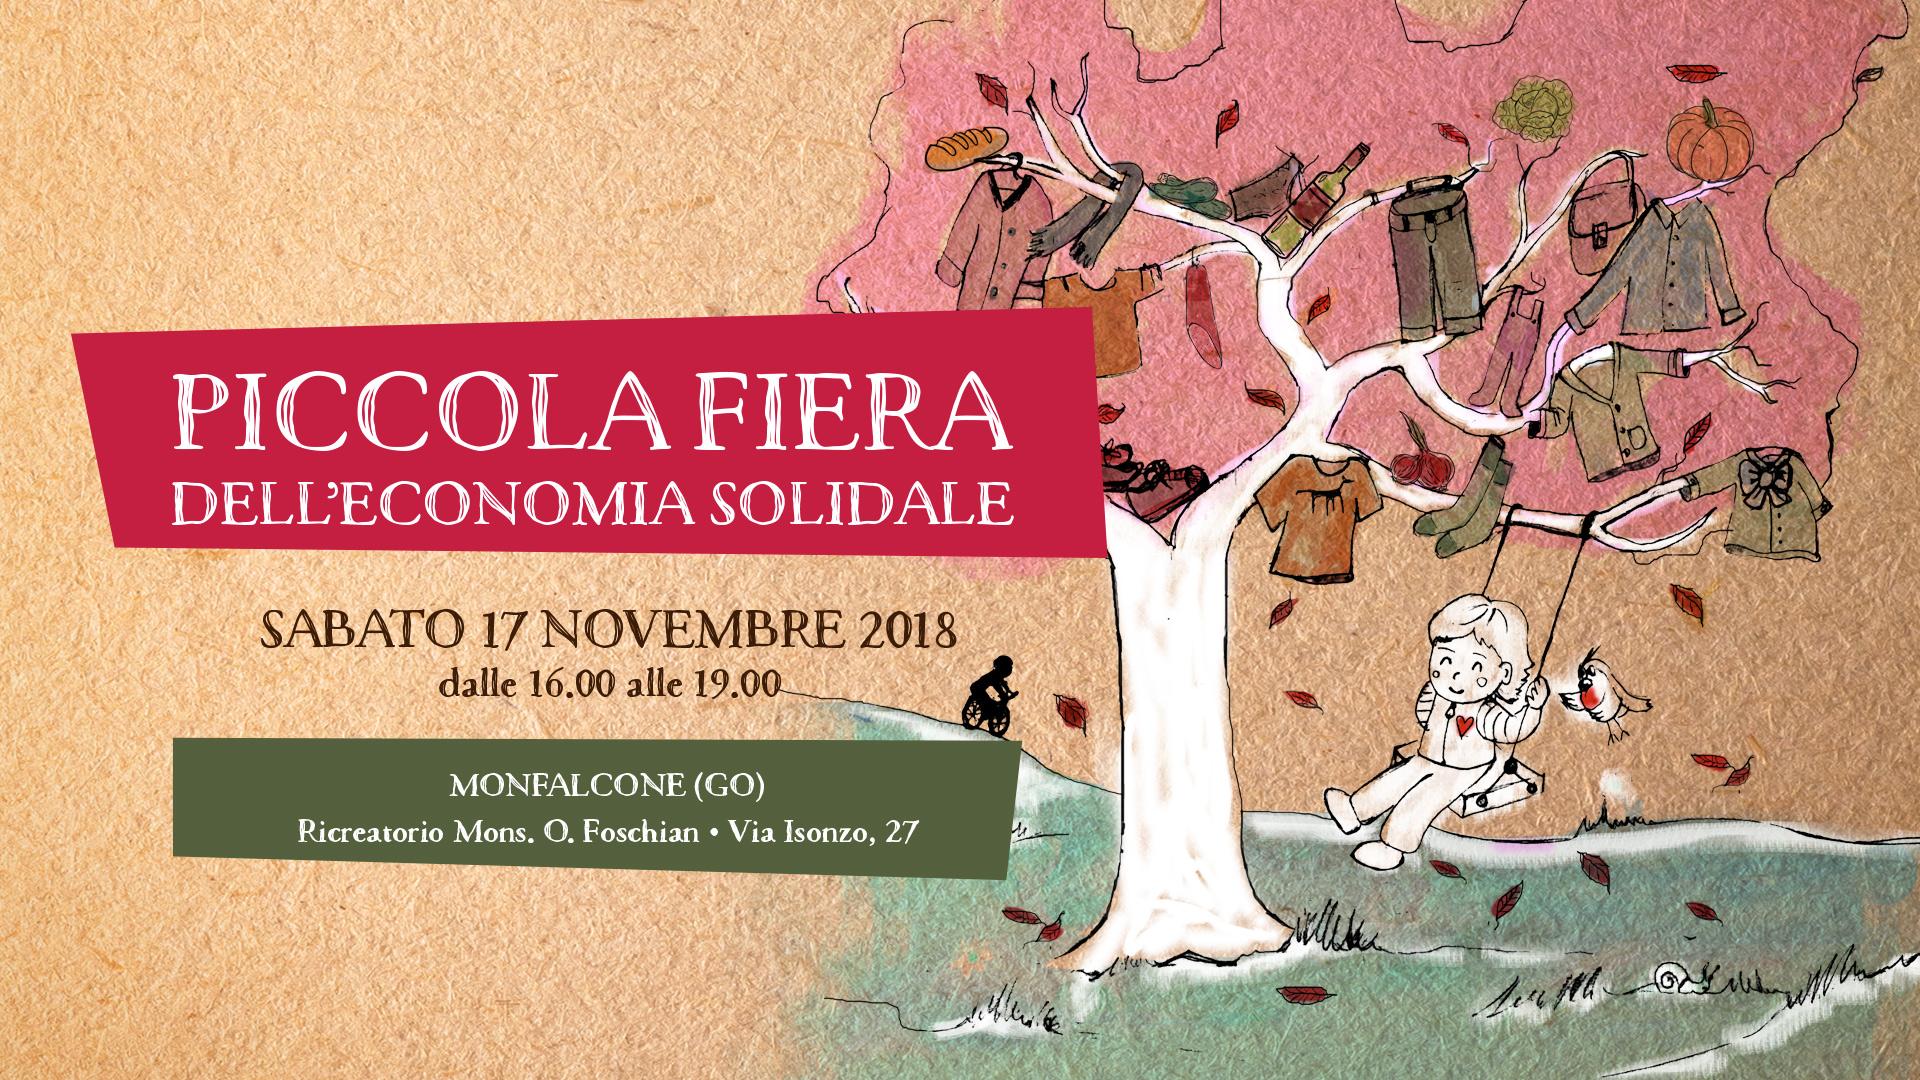 fiera dell'economia solidale 17 novembre